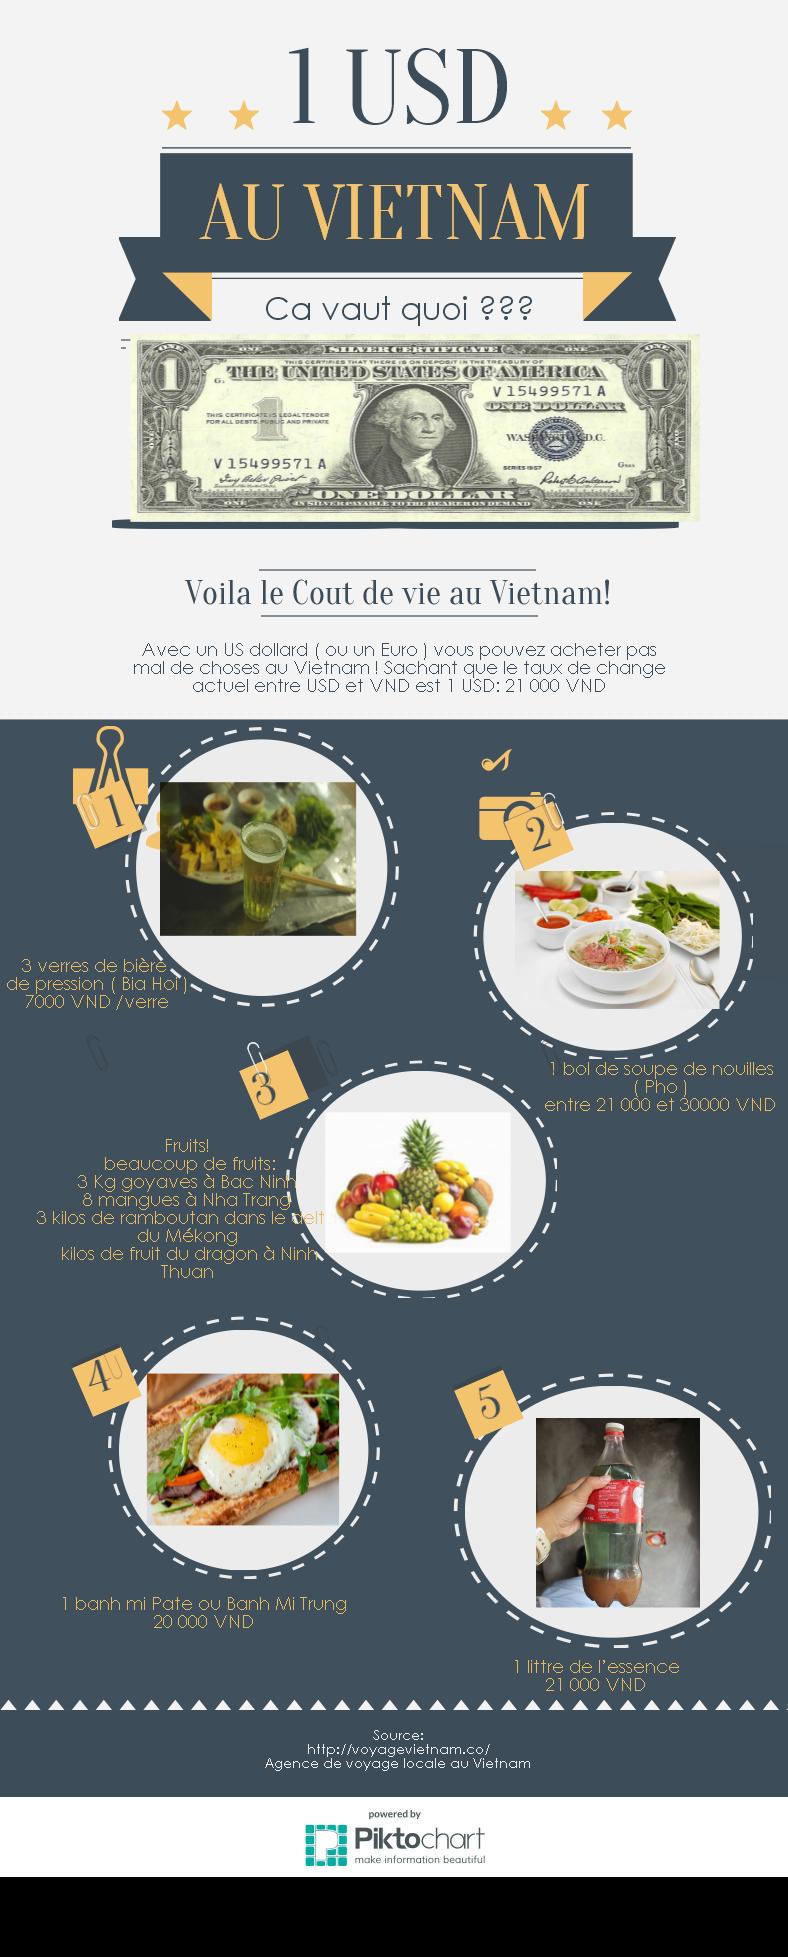 Infographic : Avec un seul USD ( ou un Euro) vous pouvez manger, boire, aller loin au Vietnam